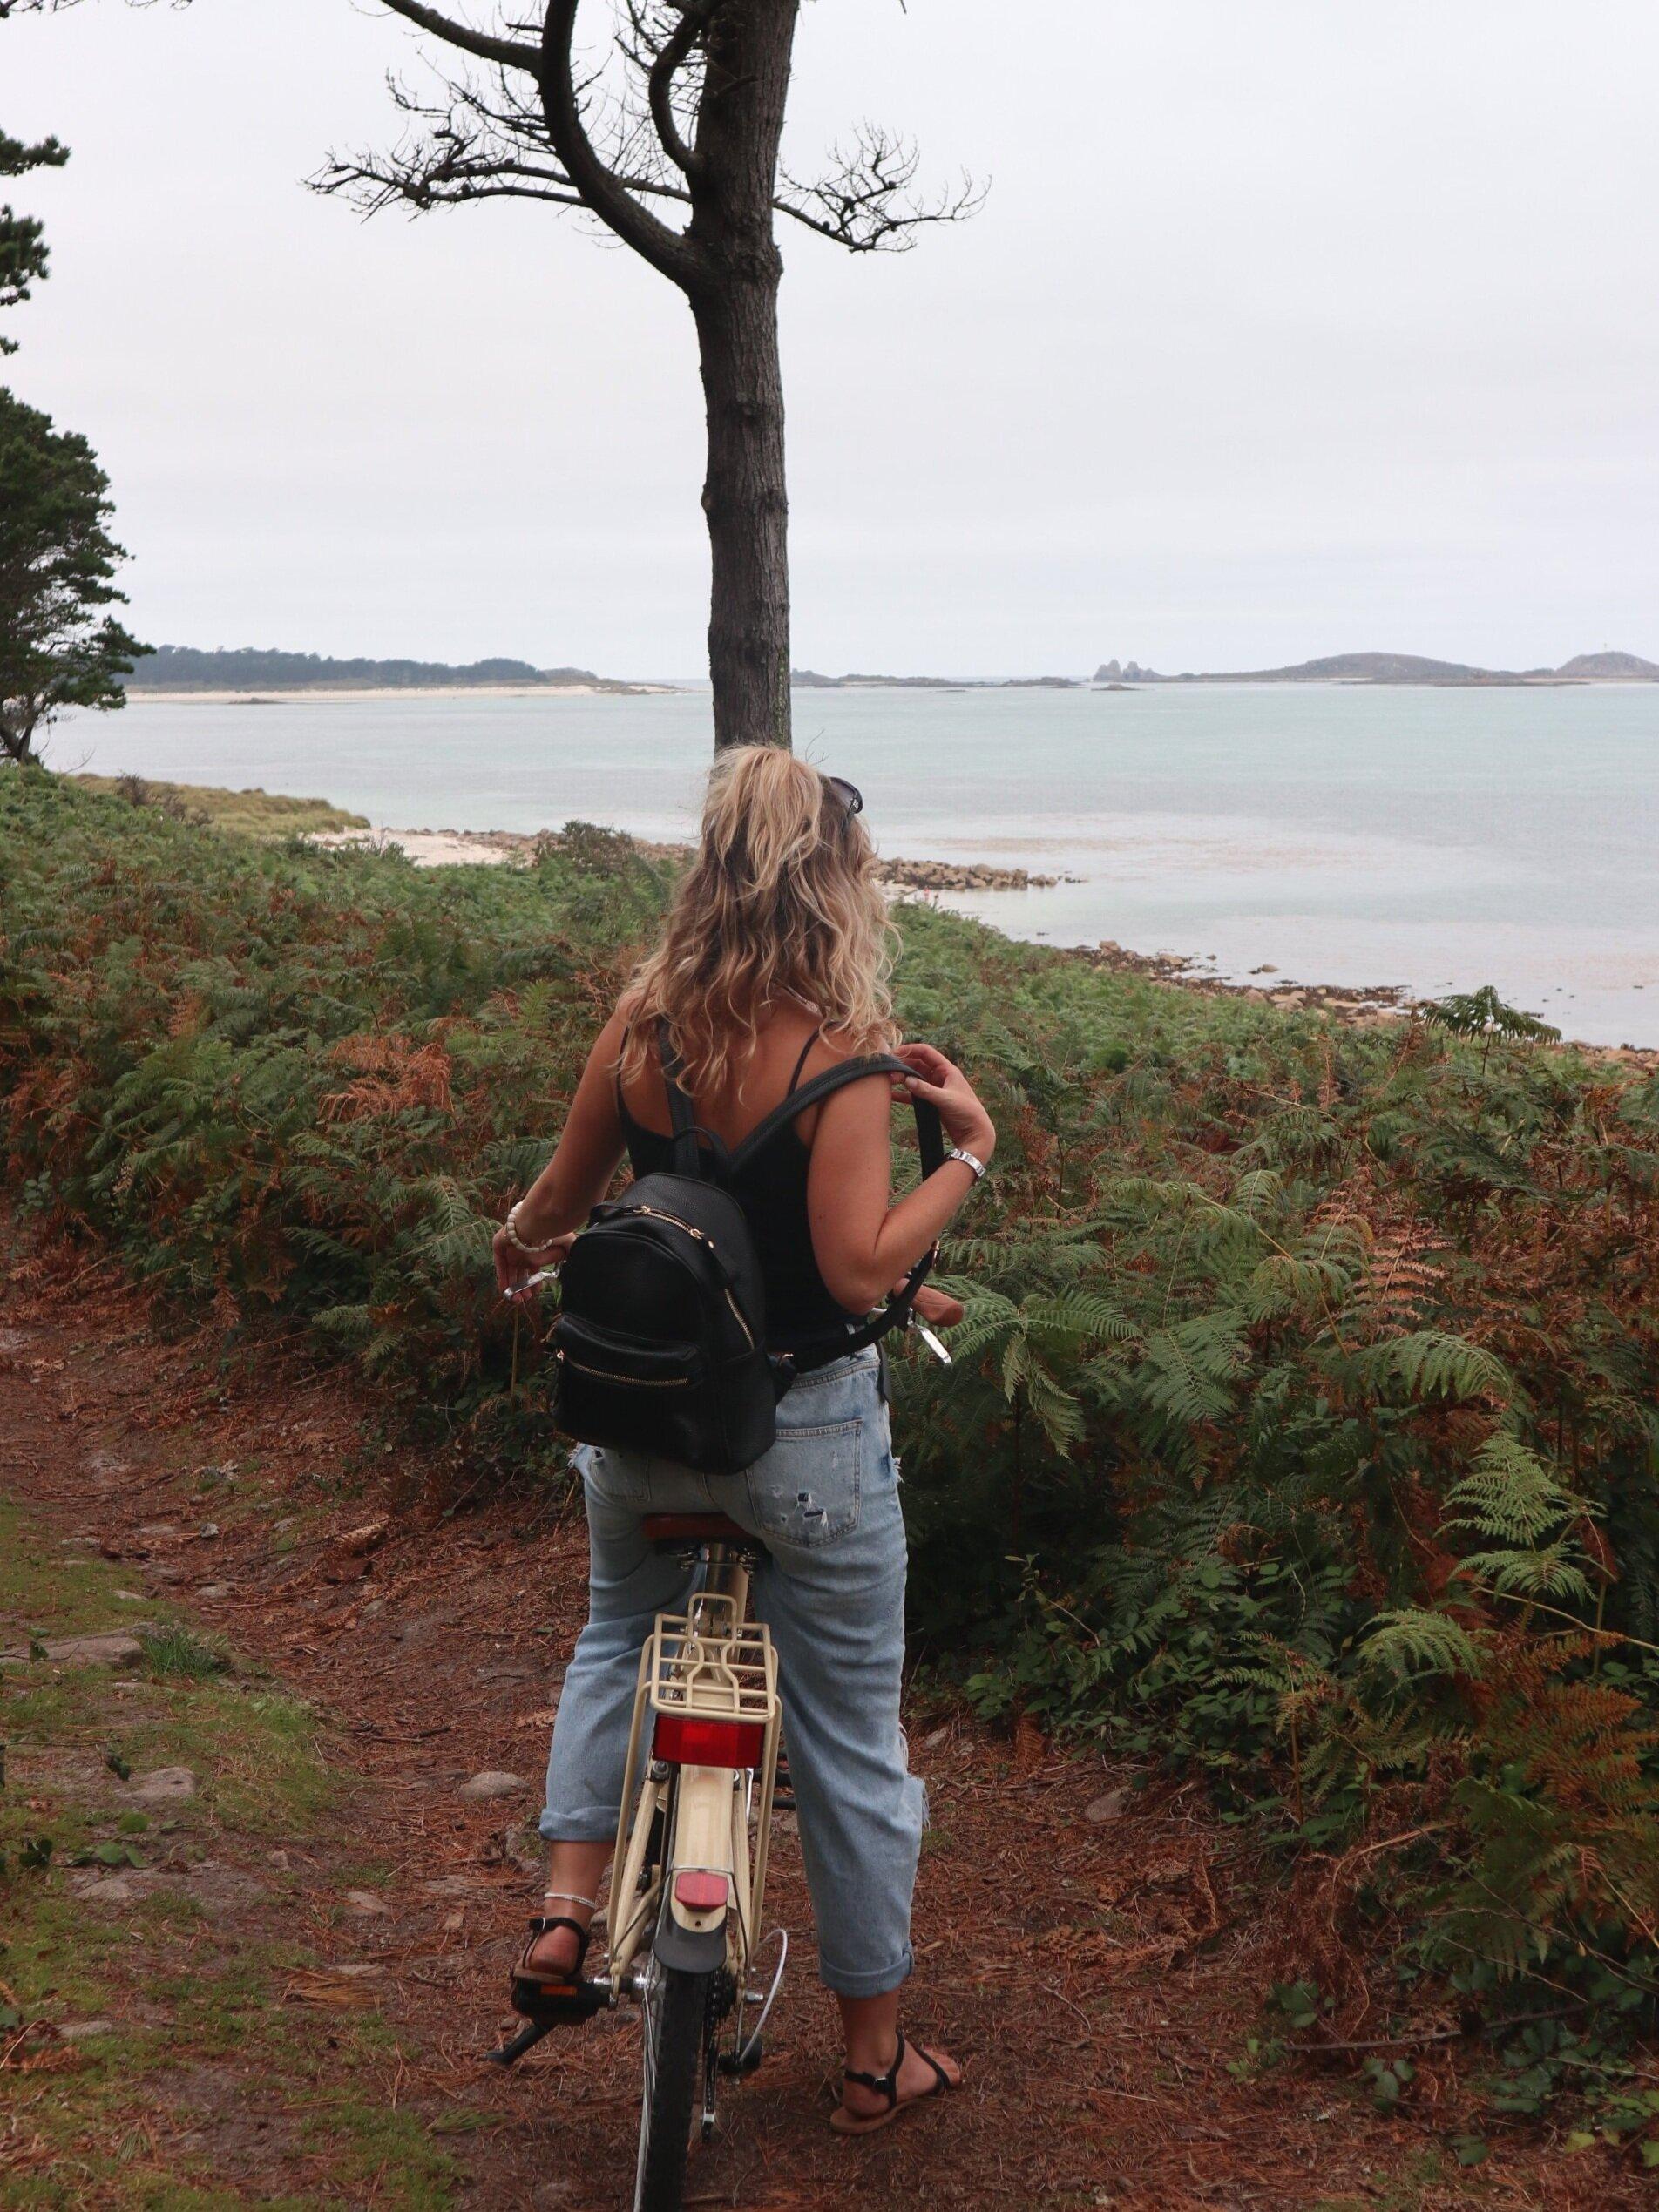 Bike+ride+on+st+marys